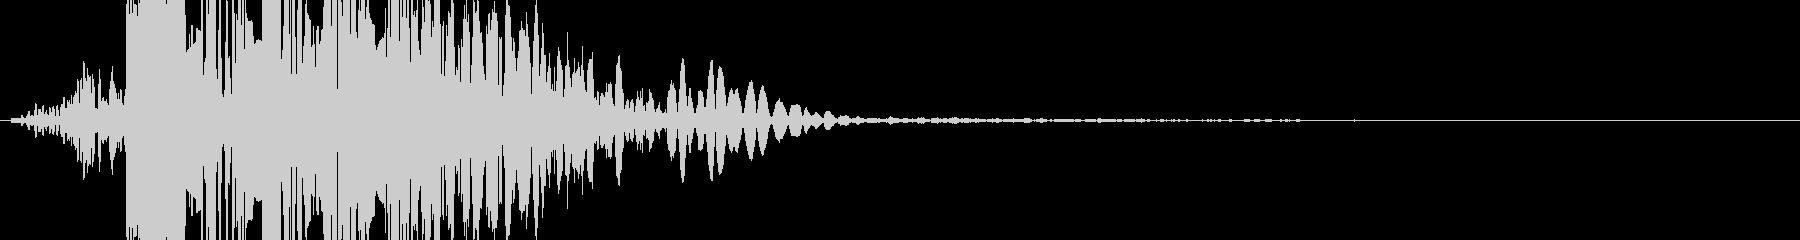 パンチの音(ボカッ)の未再生の波形